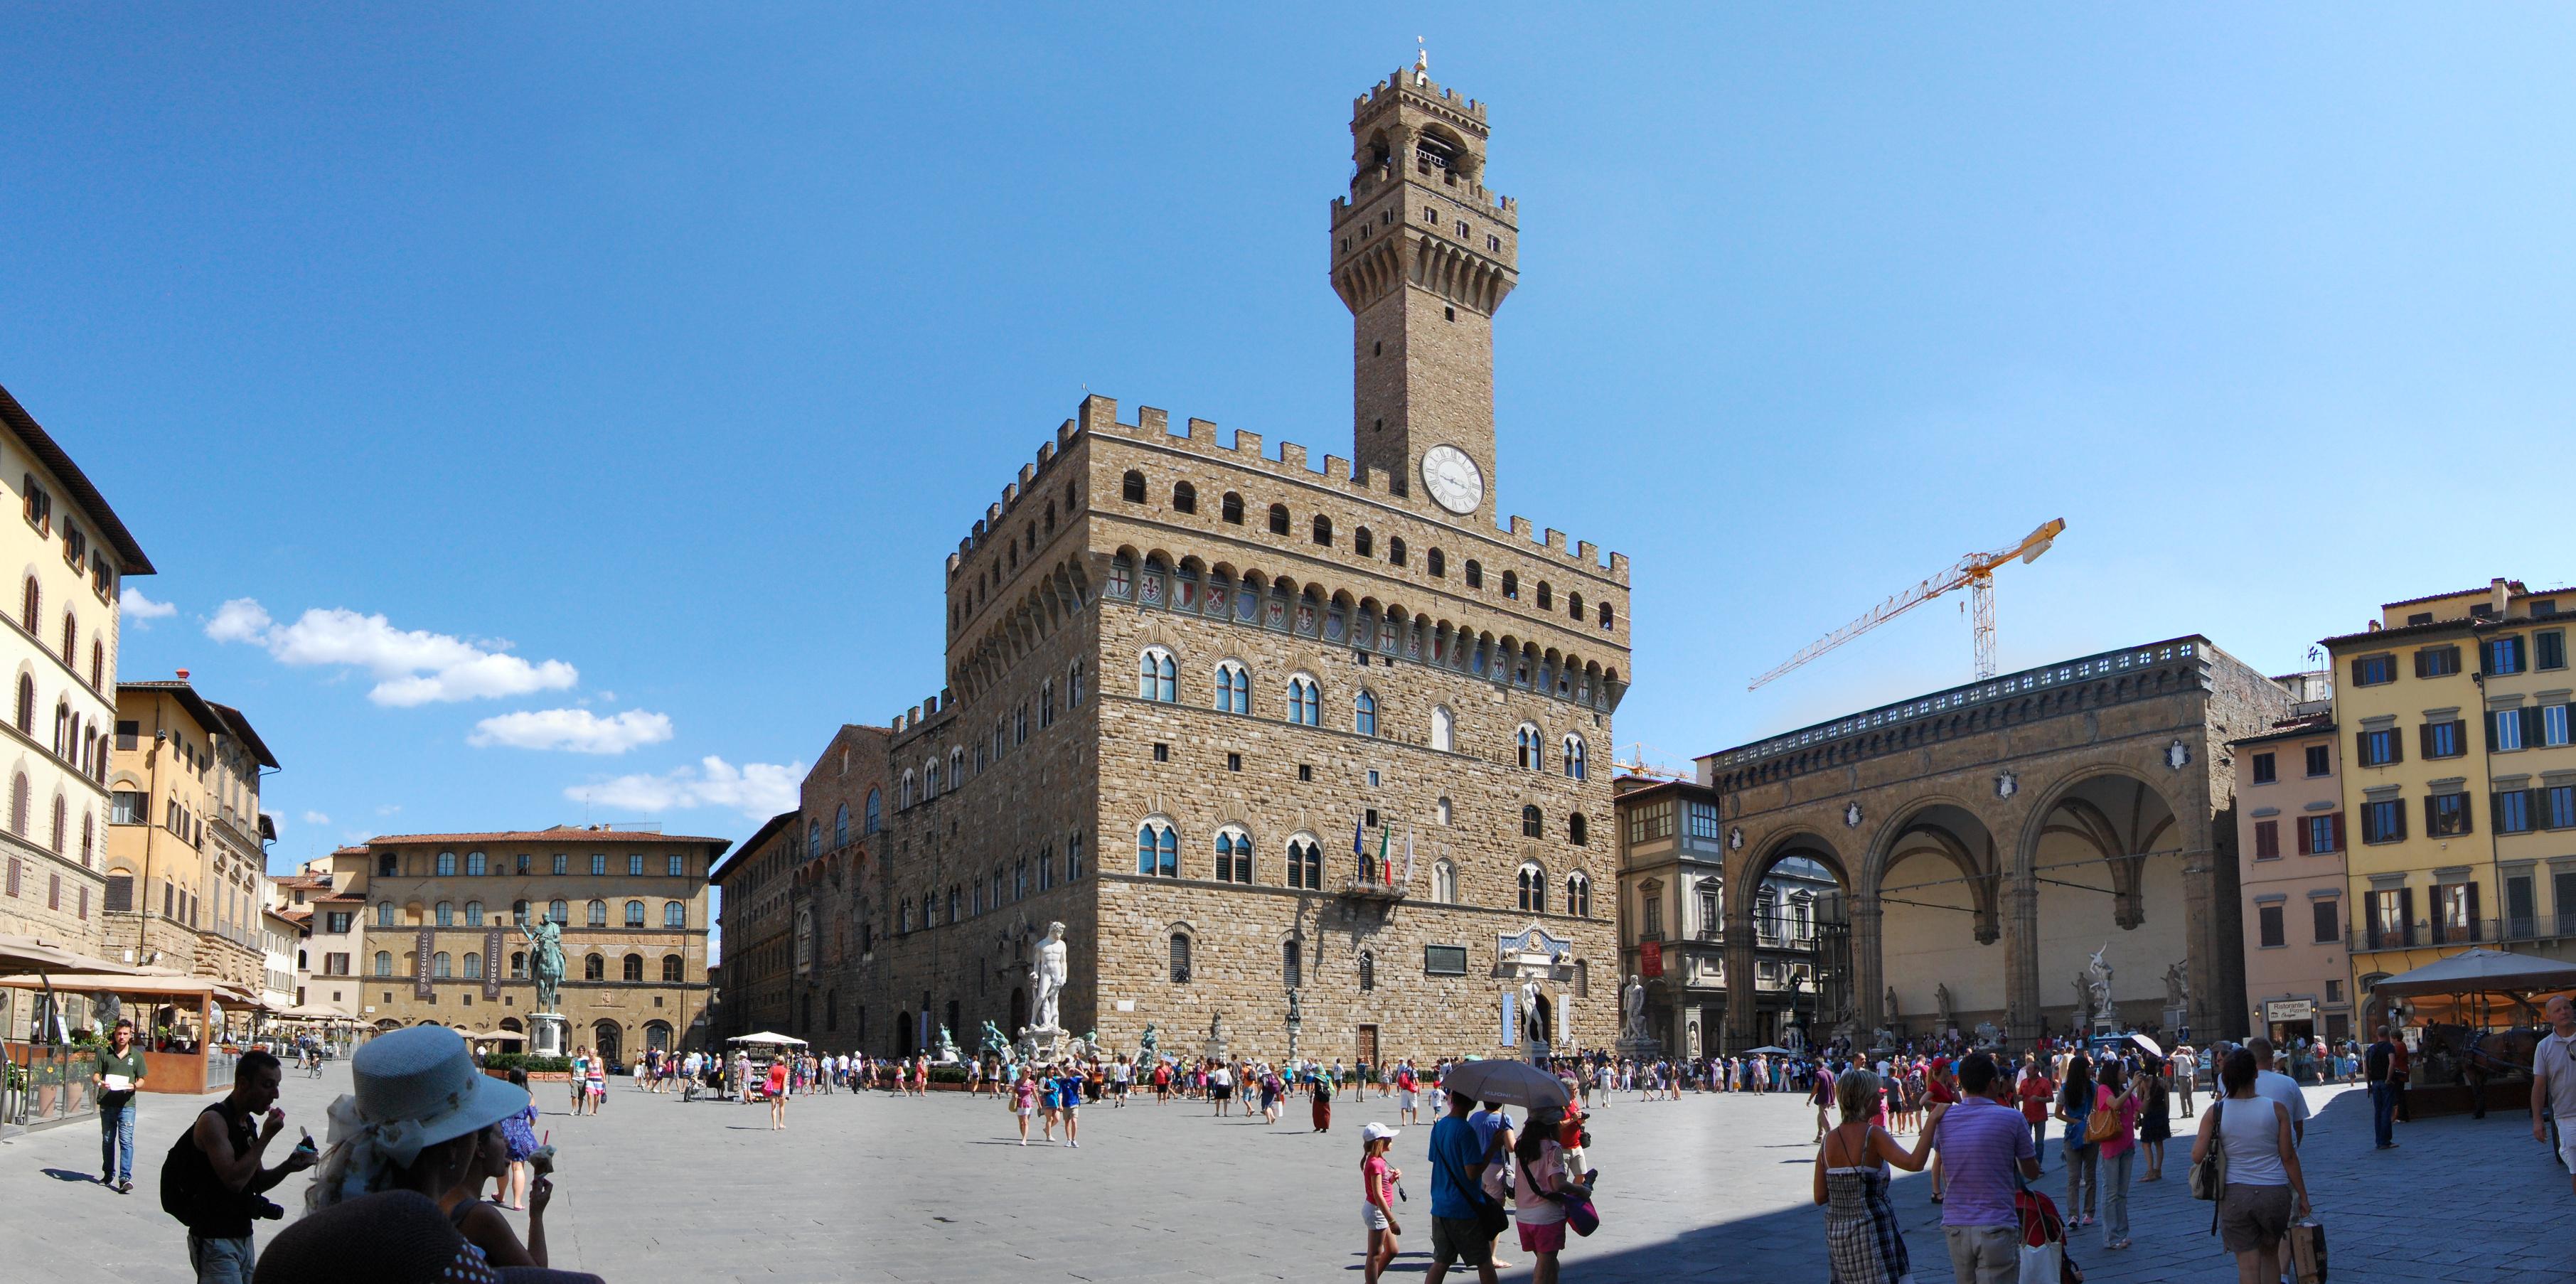 http://it.wikipedia.org/wiki/Piazza_della_Signoria